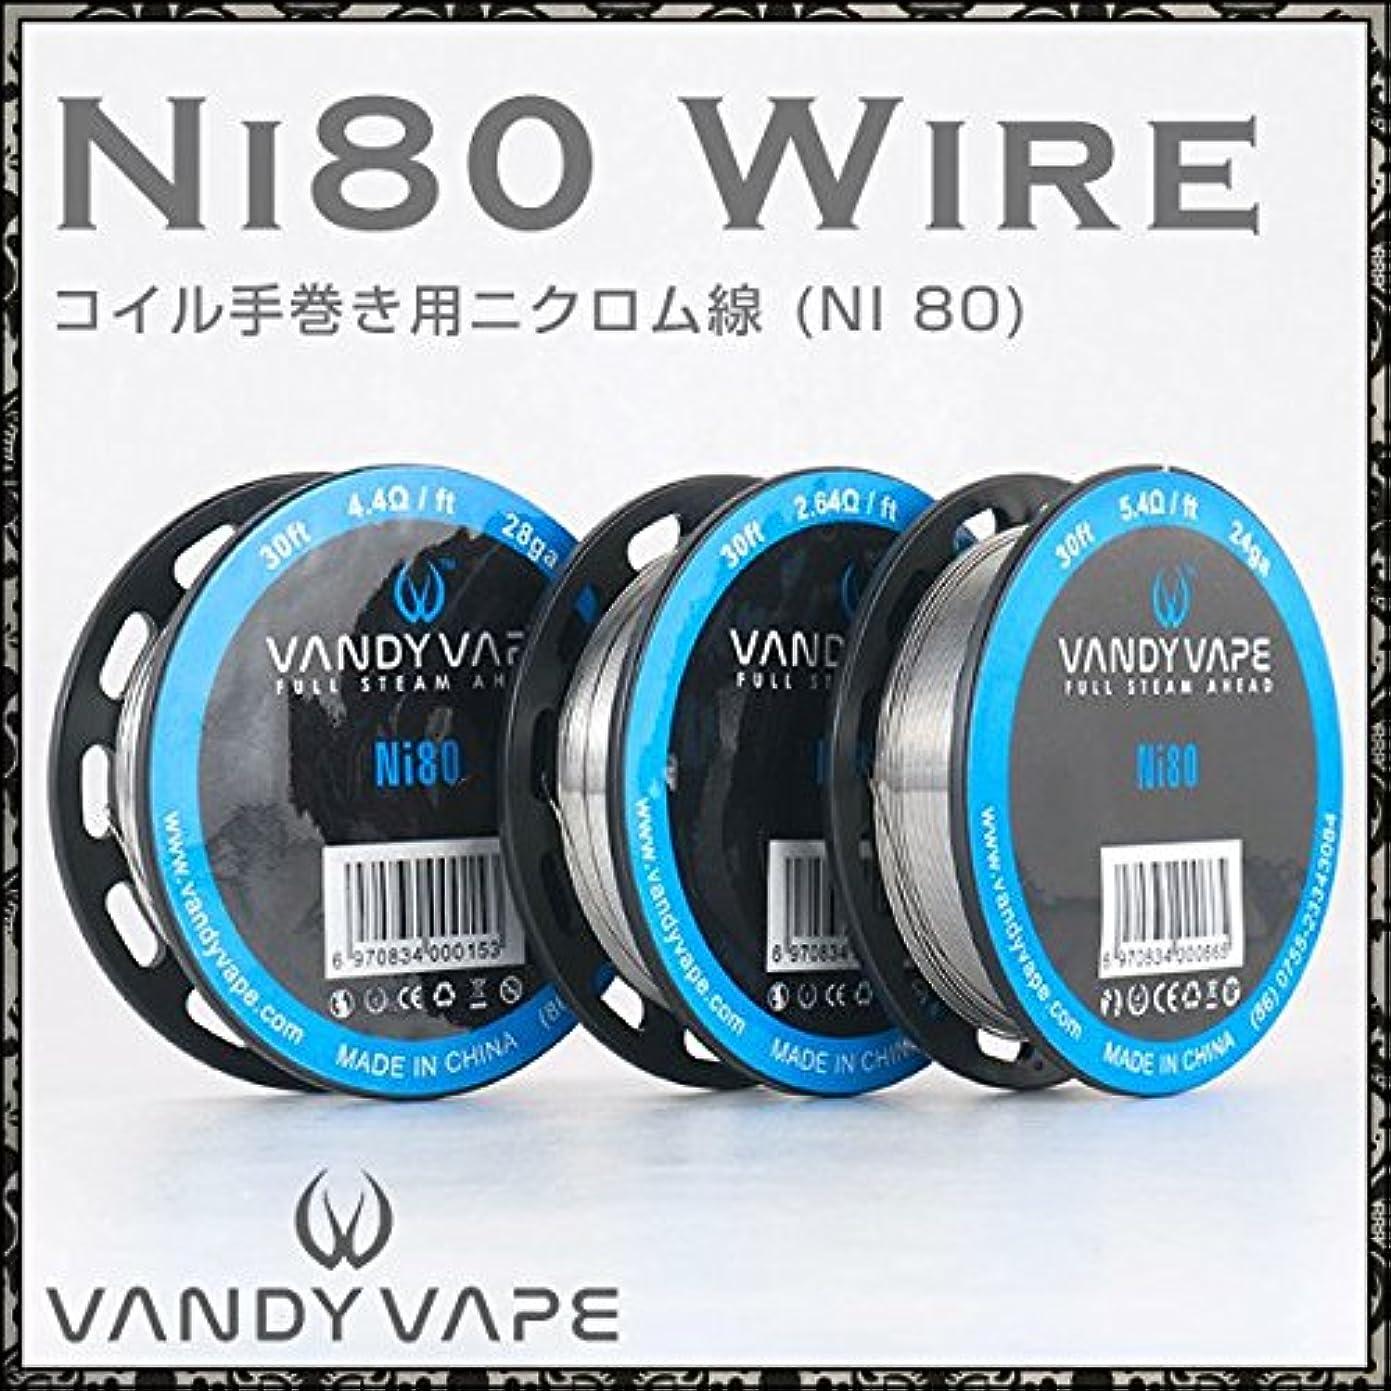 ティーンエイジャー書き出すスイッチ【VANDY VAPE】 Pure Nickel Ni80 ワイヤー 26AWG ニッケル